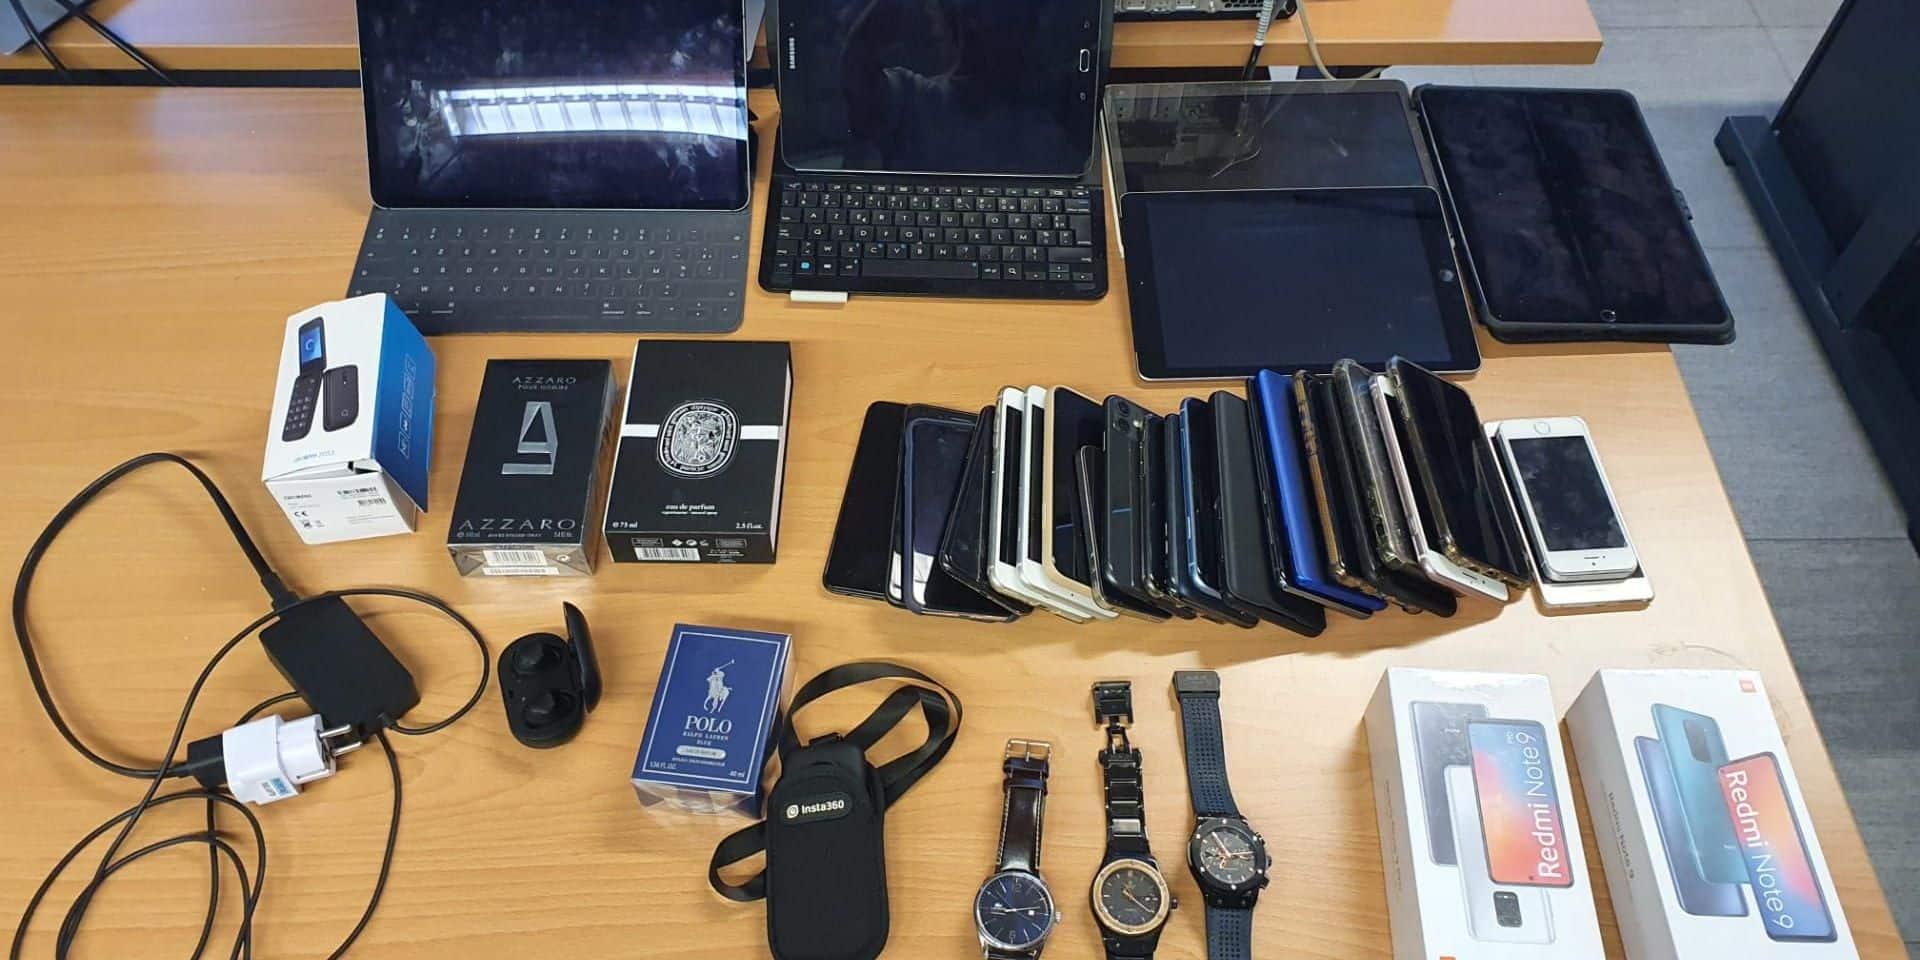 Quatre receleurs arrêtés, plus de mille objets volés retrouvés à Schaerbeek et Anderlecht